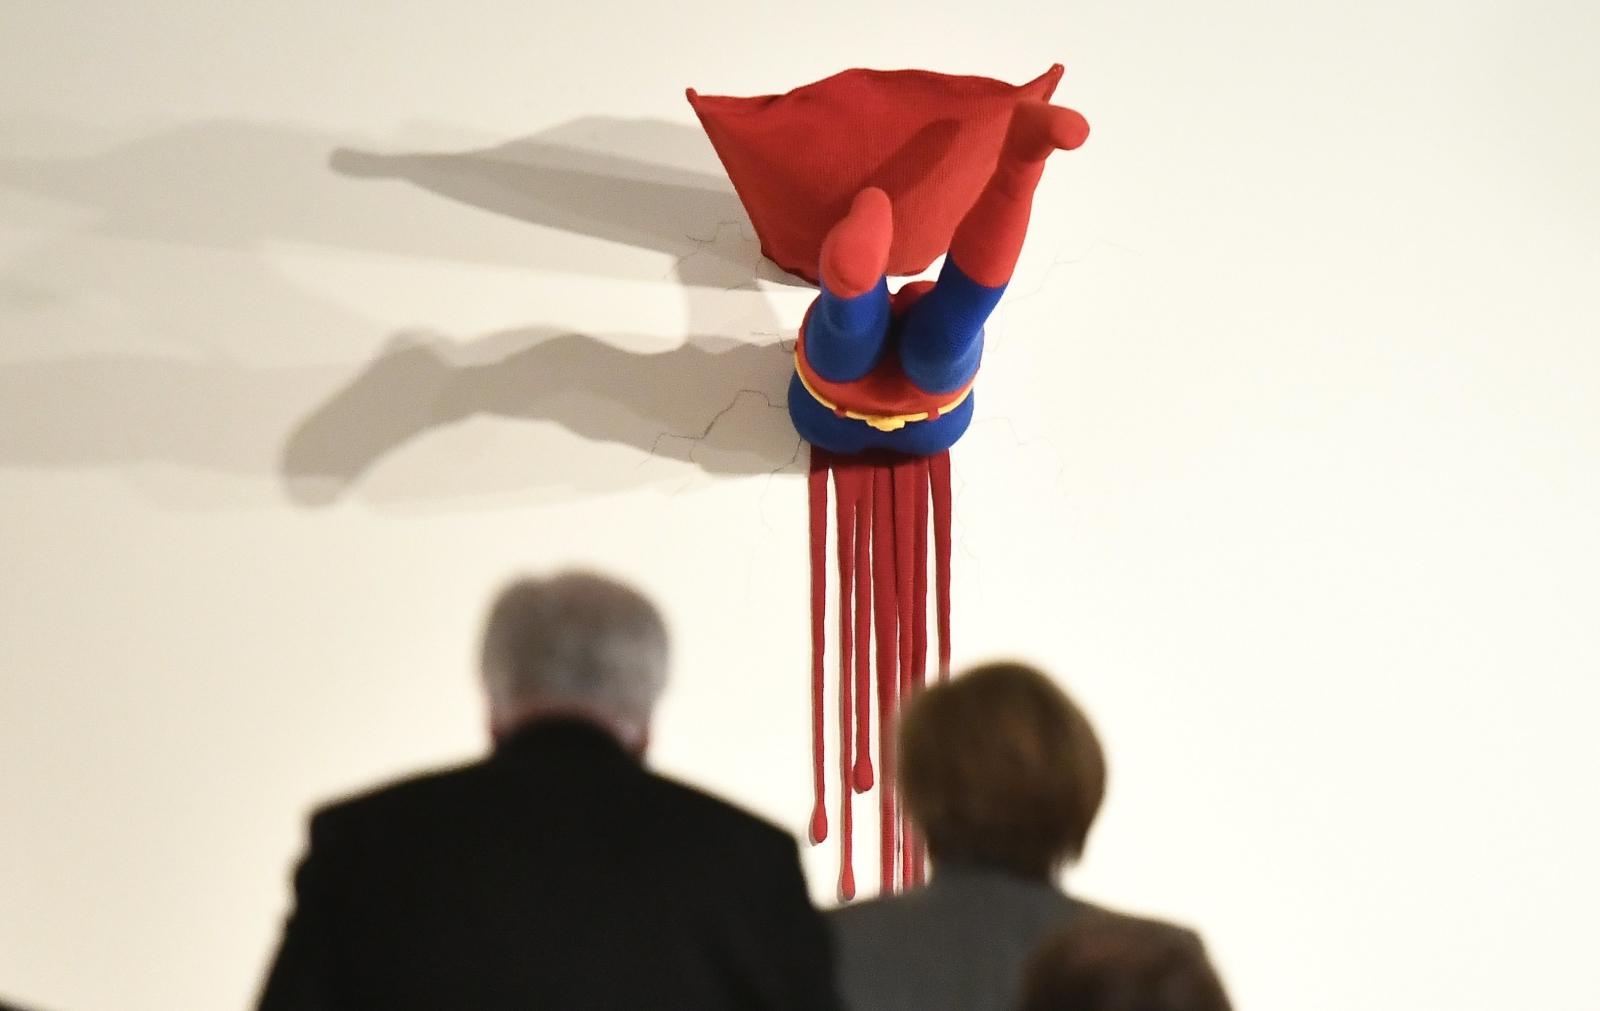 Angela Merkel przechodzi wokół ciekawego dzieła artystycznego, czyli wbitego w ścianę Supermana. Rezydencja Baden Wuerttemberg w Berlinie, Niemcy.